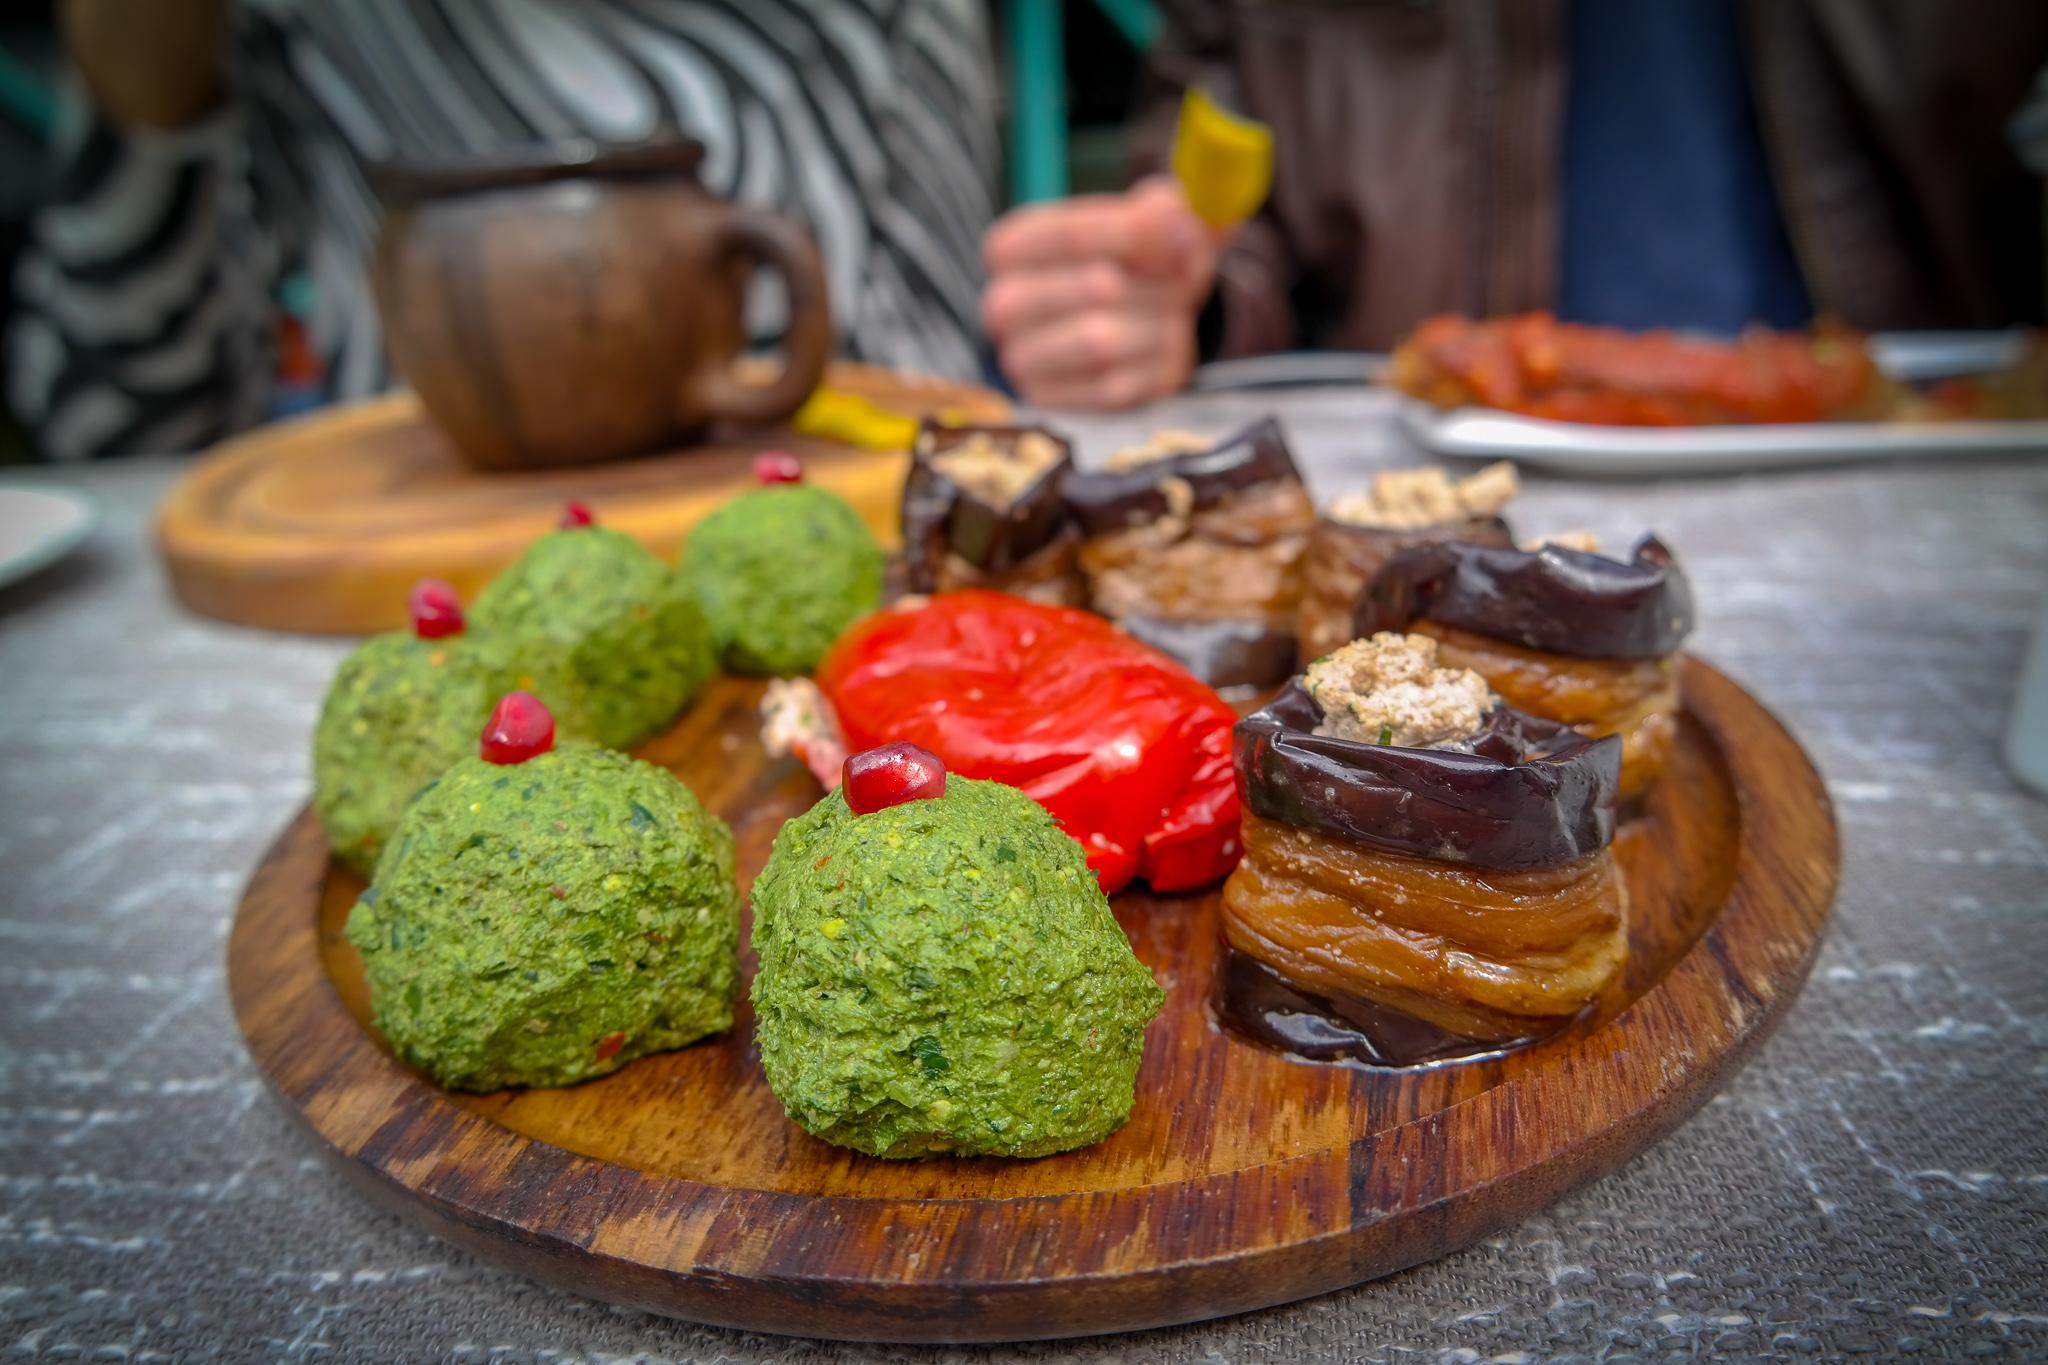 Georgisk mat är ofta vegetarisk - och nästan alltid underbart god!